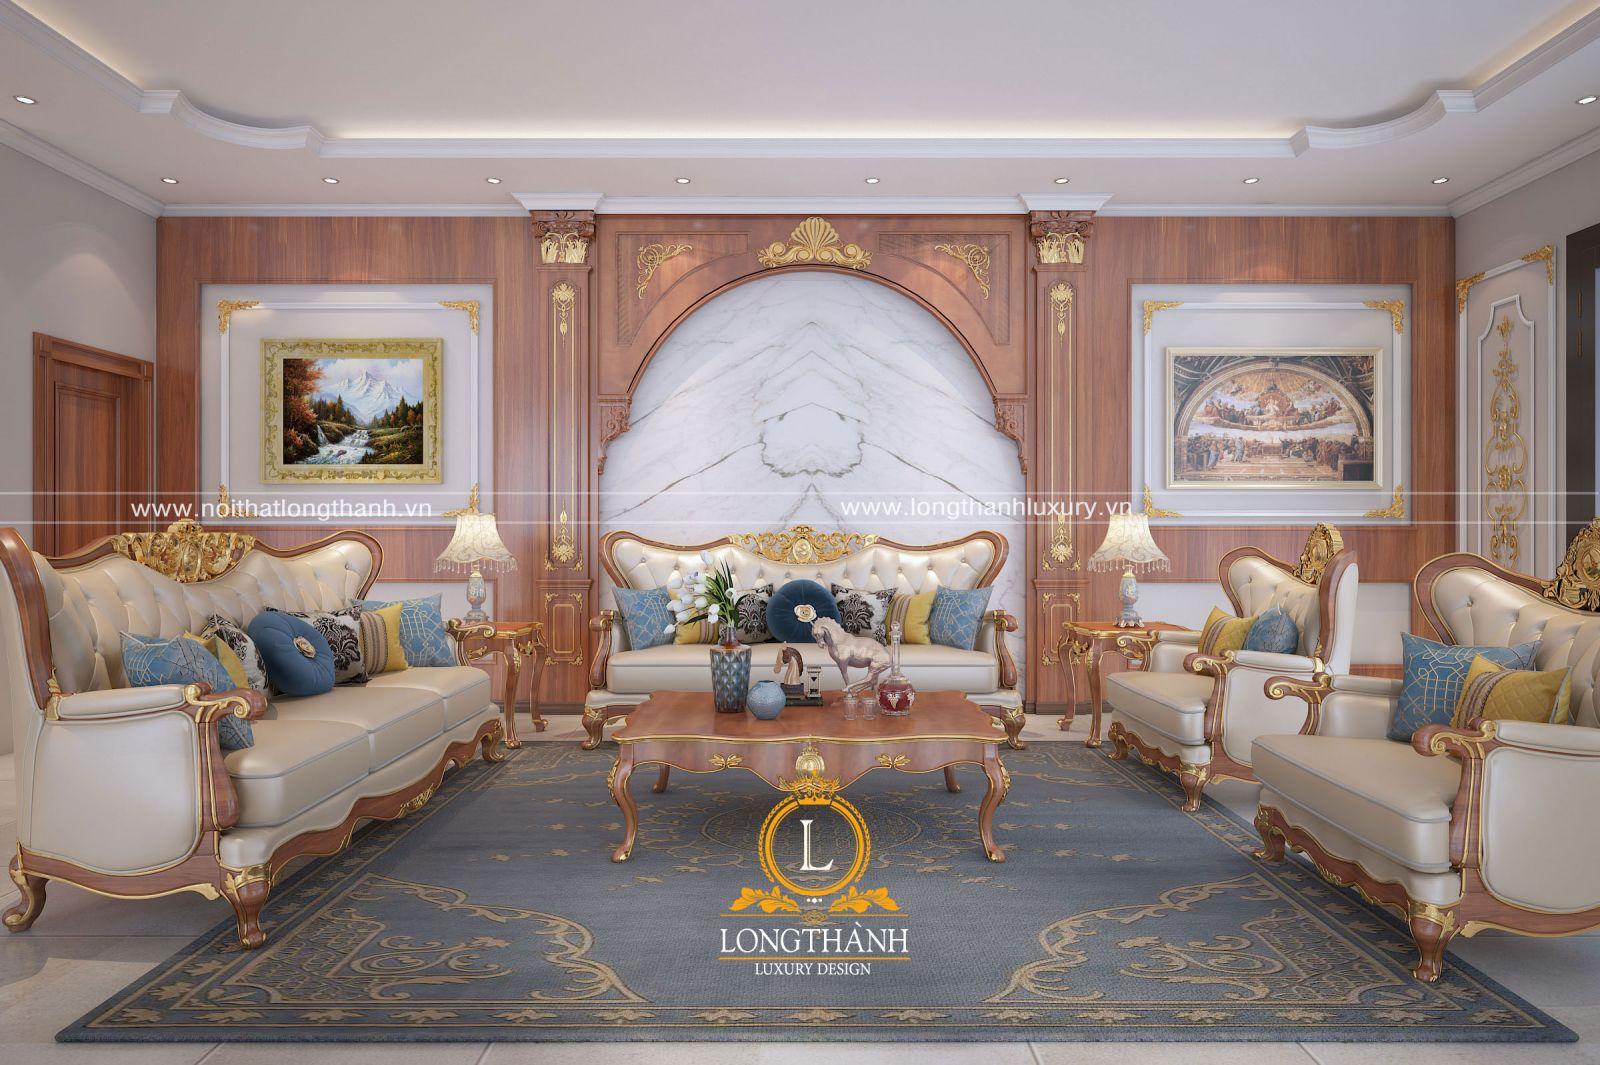 Bộ sofa phòng khách với thiết kế nhẹ nhàng thanh thoát và đẹp mắt